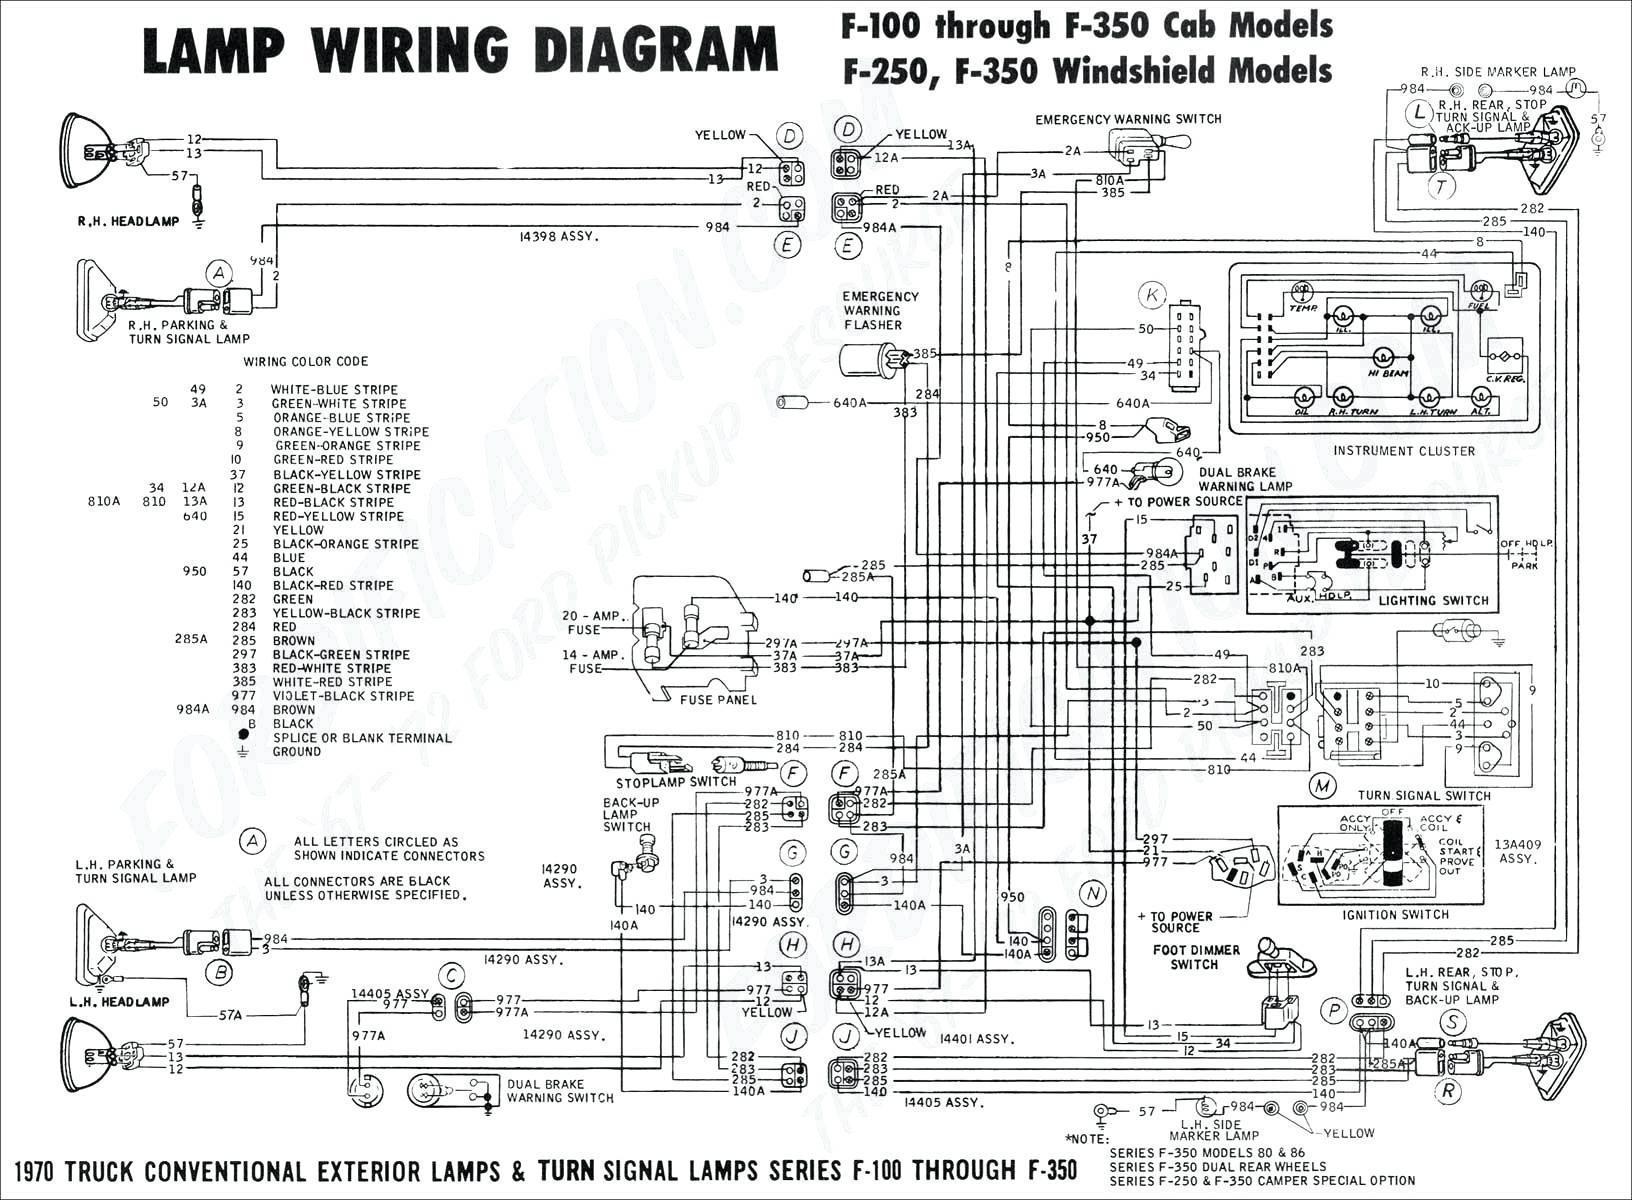 Brake Controller Wiring Diagram Dodge Ram Valid 2008 Dodge Ram 1500 Trailer Brake Wiring Diagram Refrence 1999 Dodge